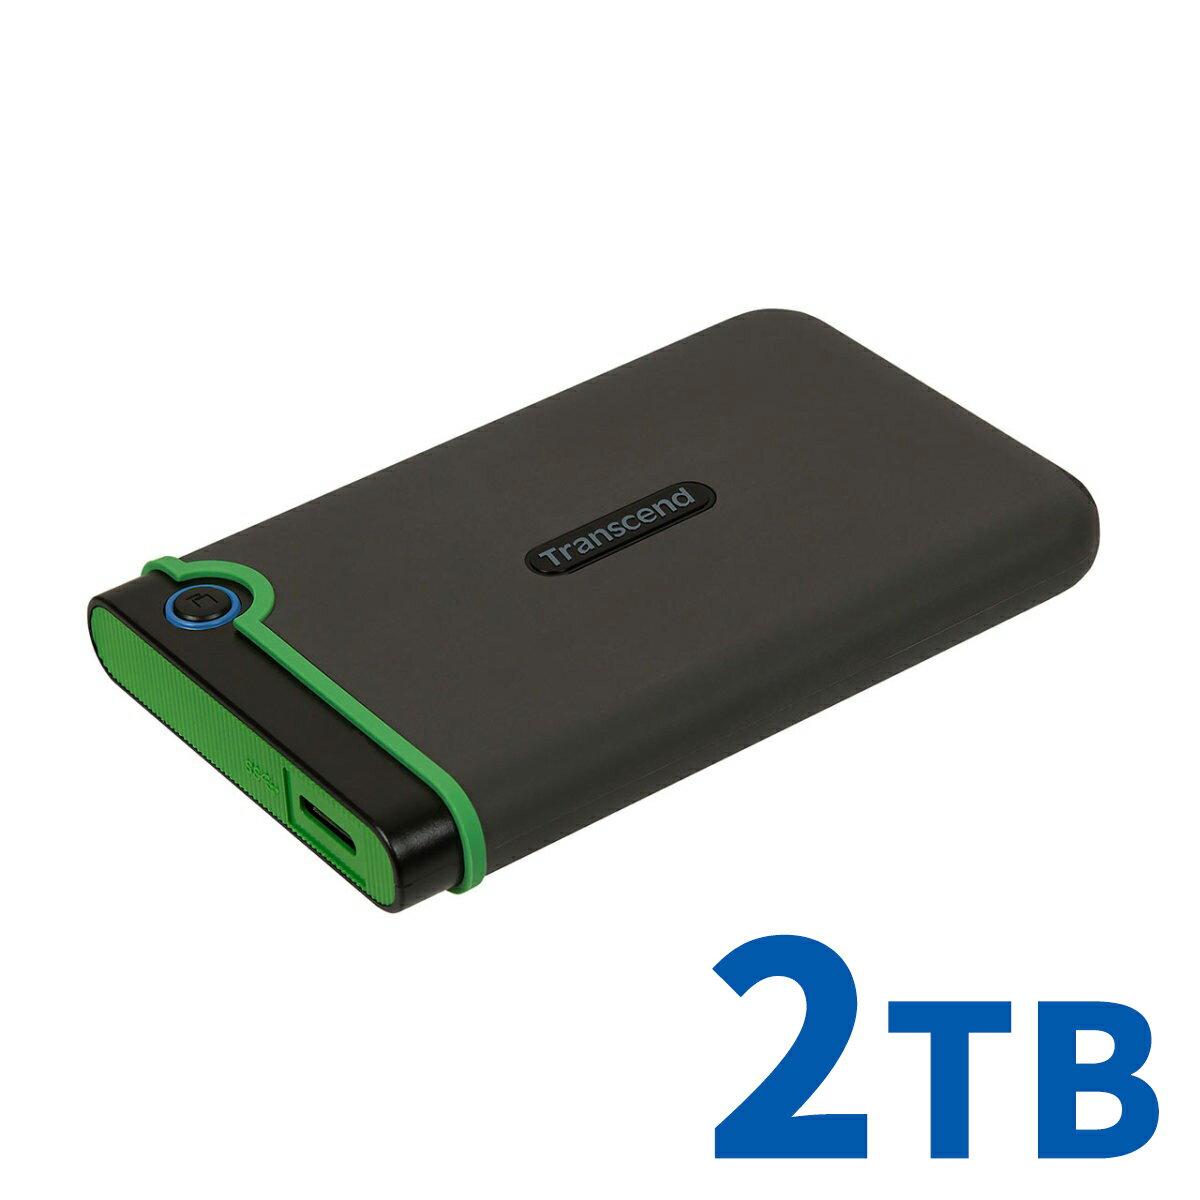 【ケース付き!】Transcend ポータブルHDD 2TB USB3.1 テレビ録画 2.5インチ スリムポータブルHDD 耐衝撃 3年保証 ハードディスク 外付けHDD ポータブルハードディスク[TS2TSJ25M3S]【送料無料】